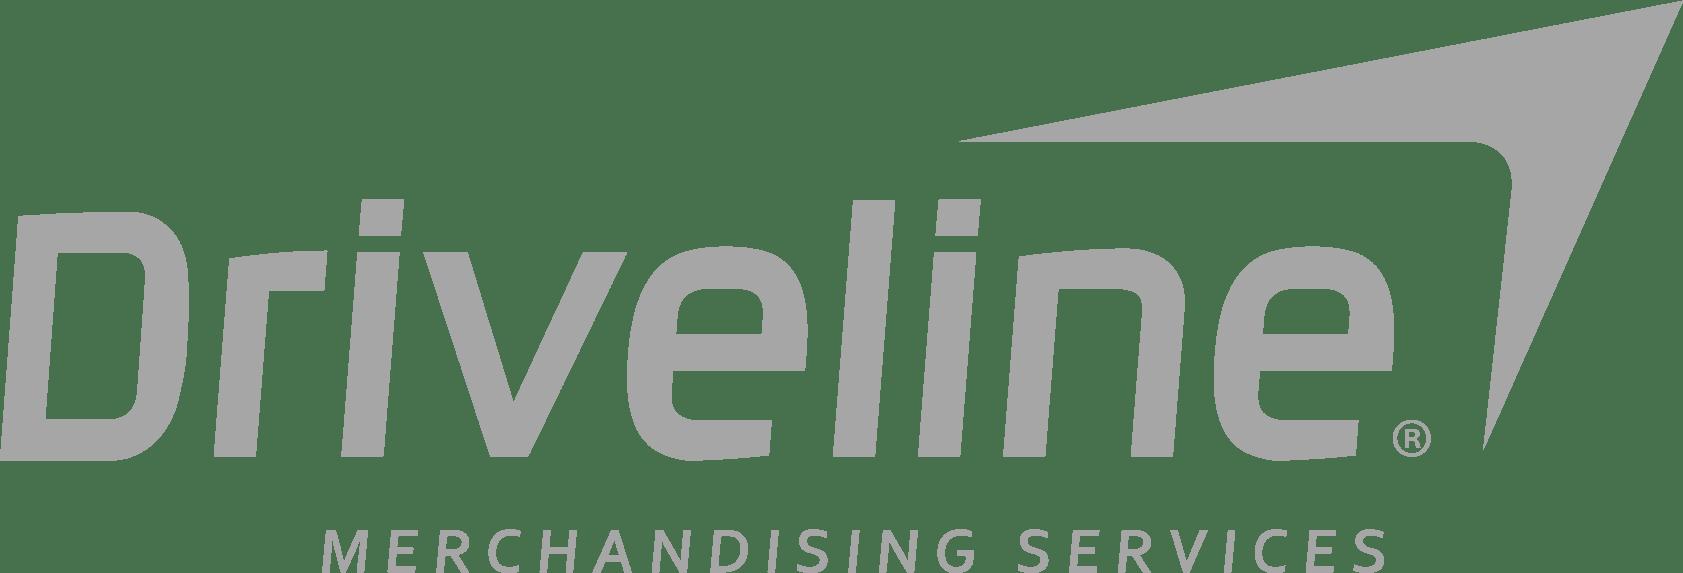 driveline-logo-grey